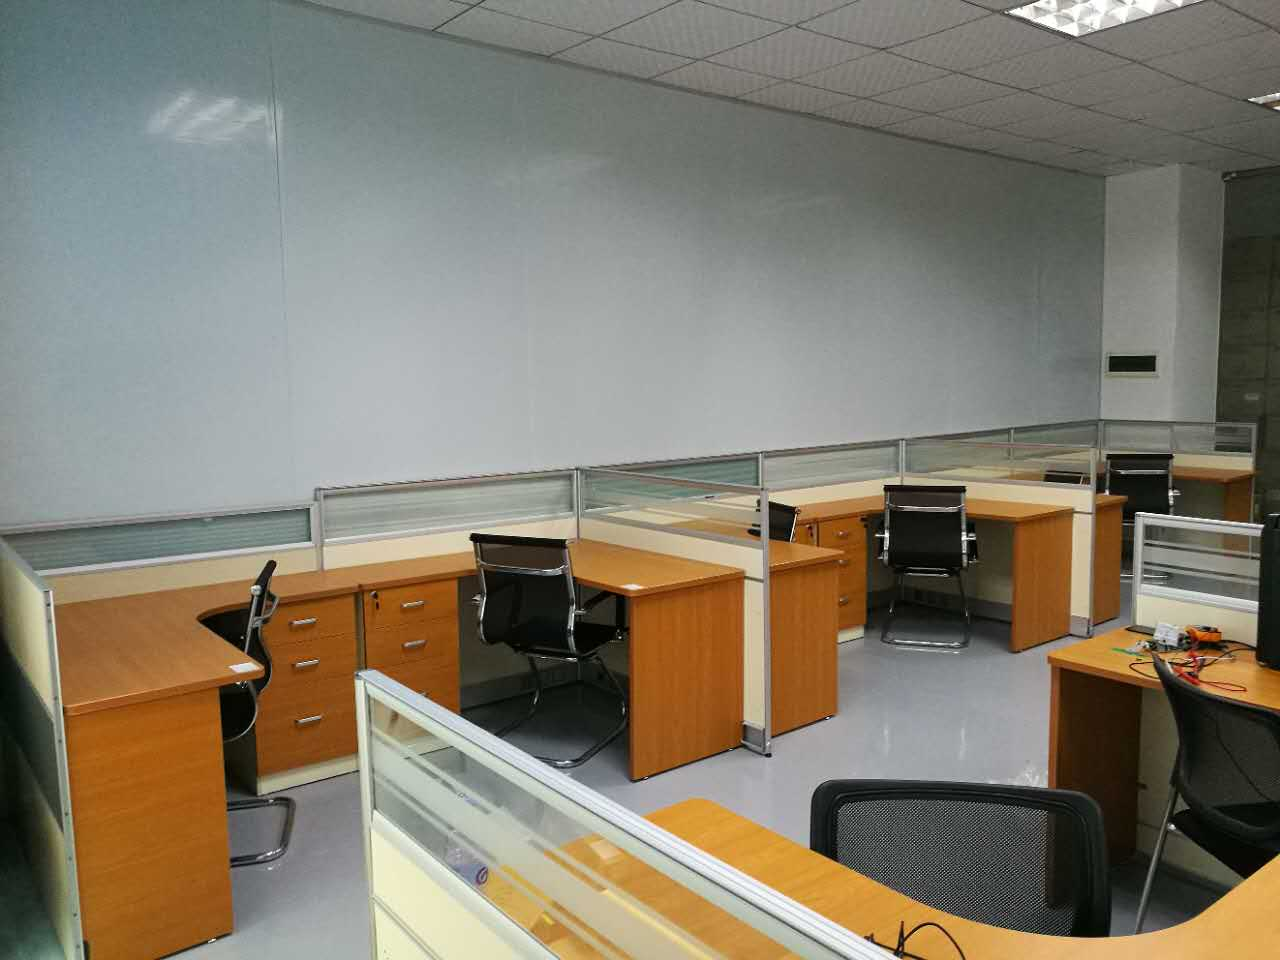 合步二手办公桌、前台销售安装服务案例——叶先生